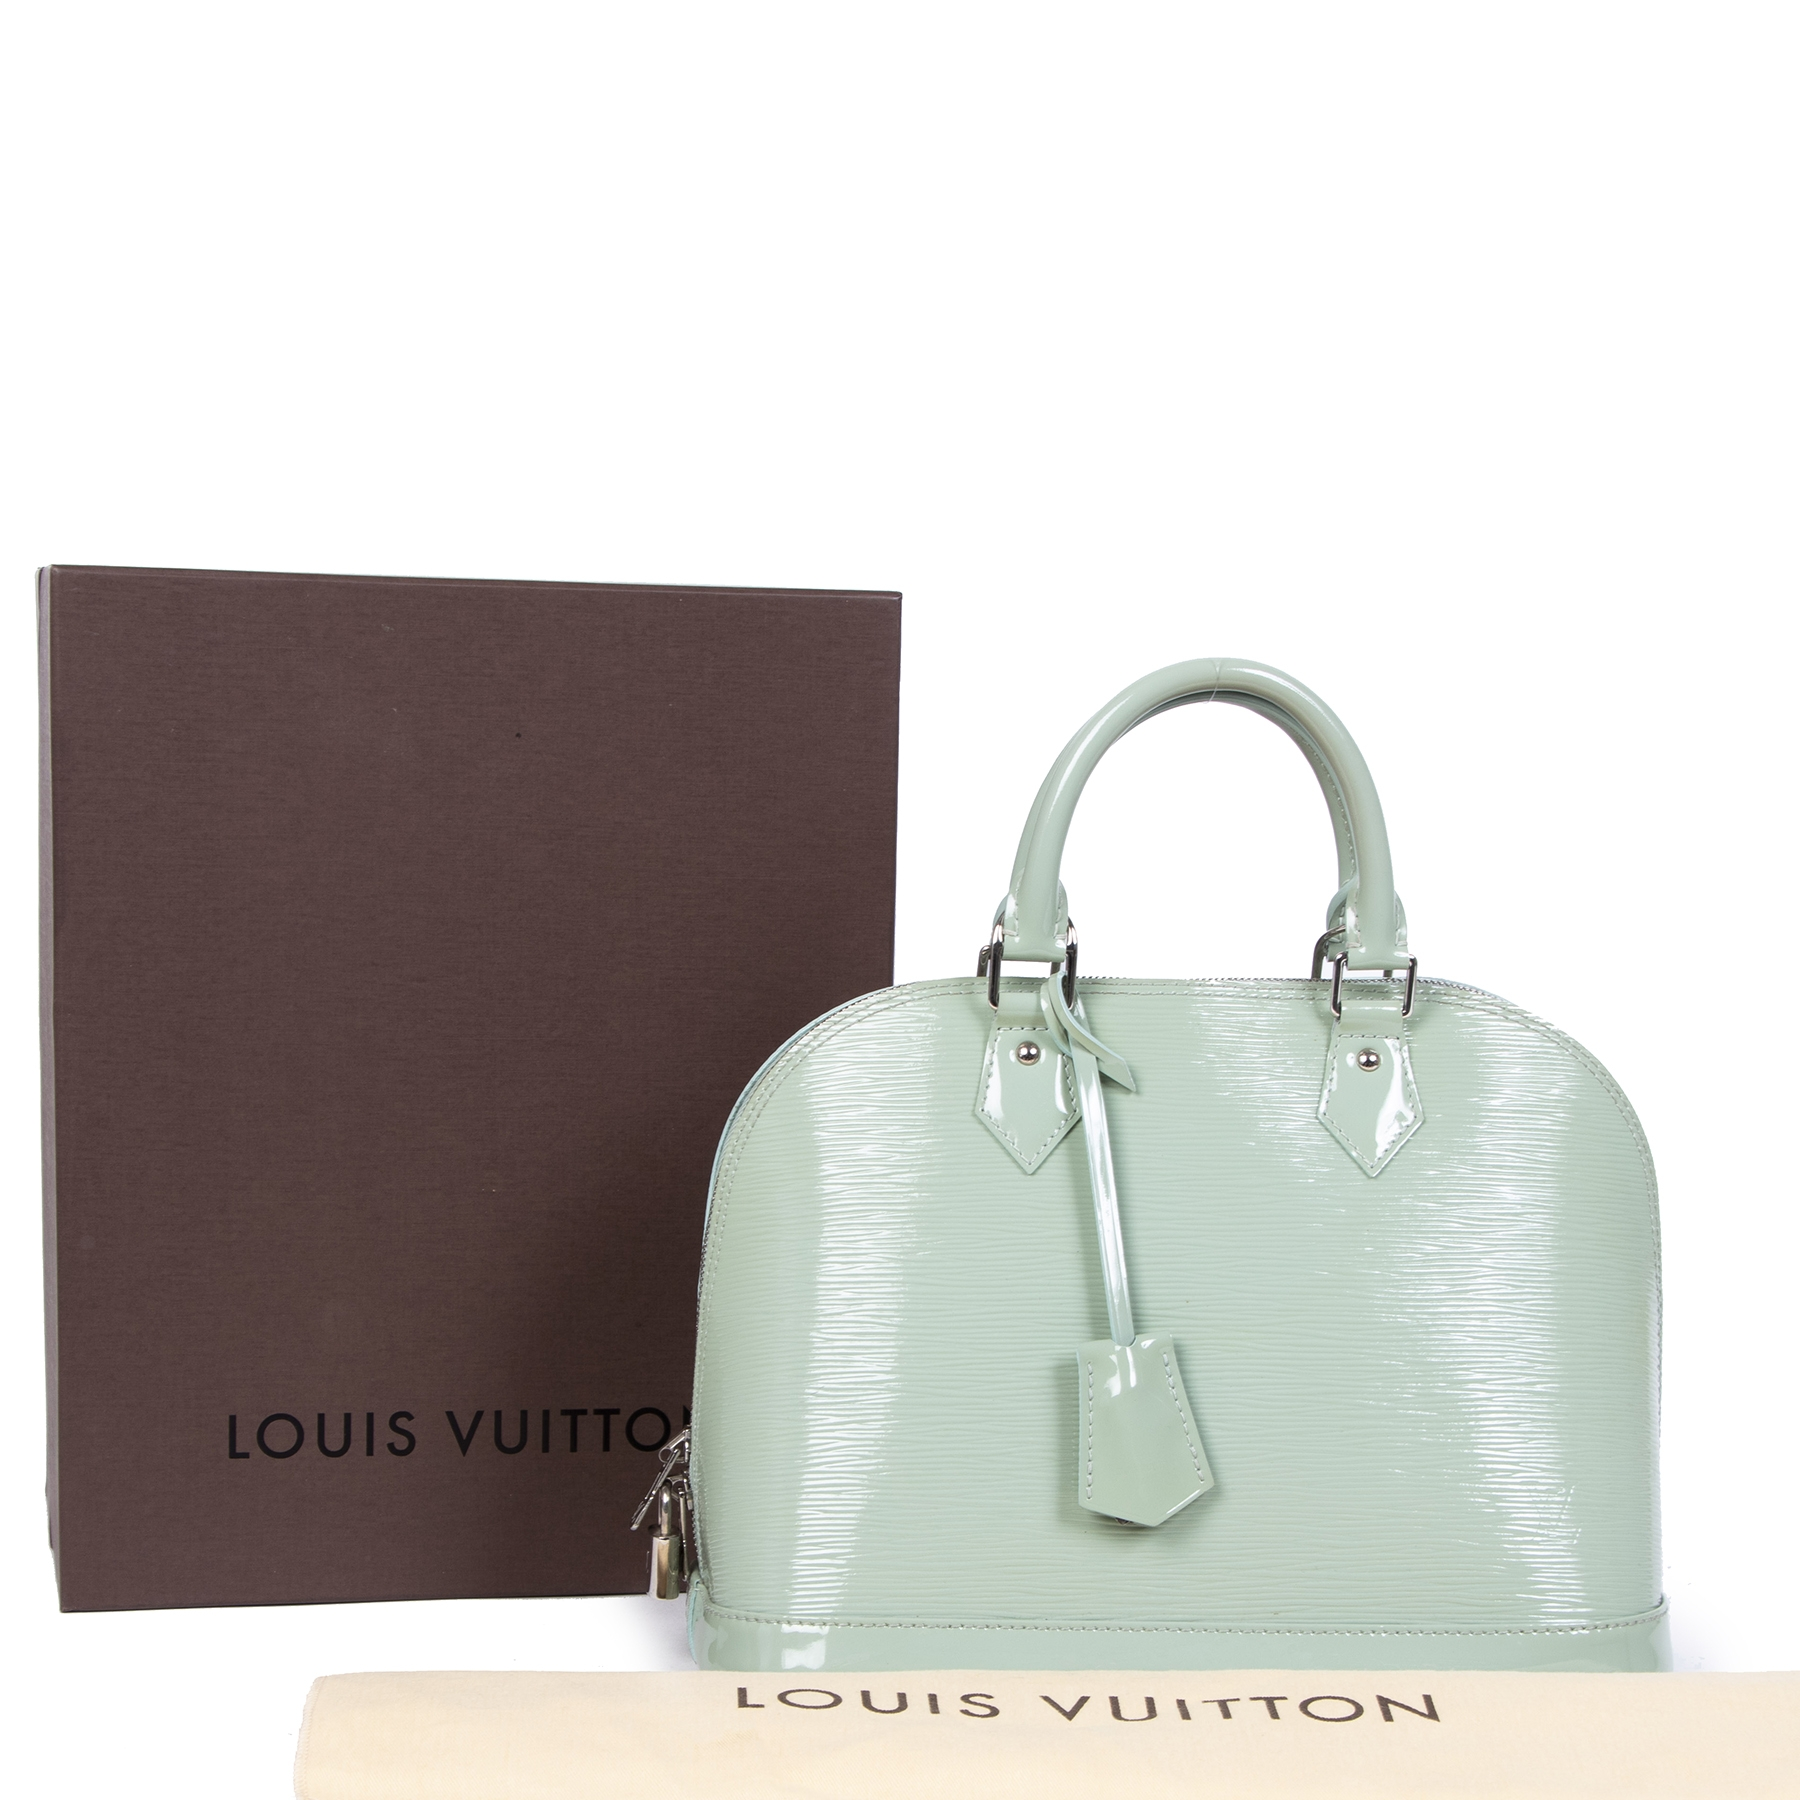 shop 100% authentic Louis Vuitton Mint Green Epi Leather Alma PM